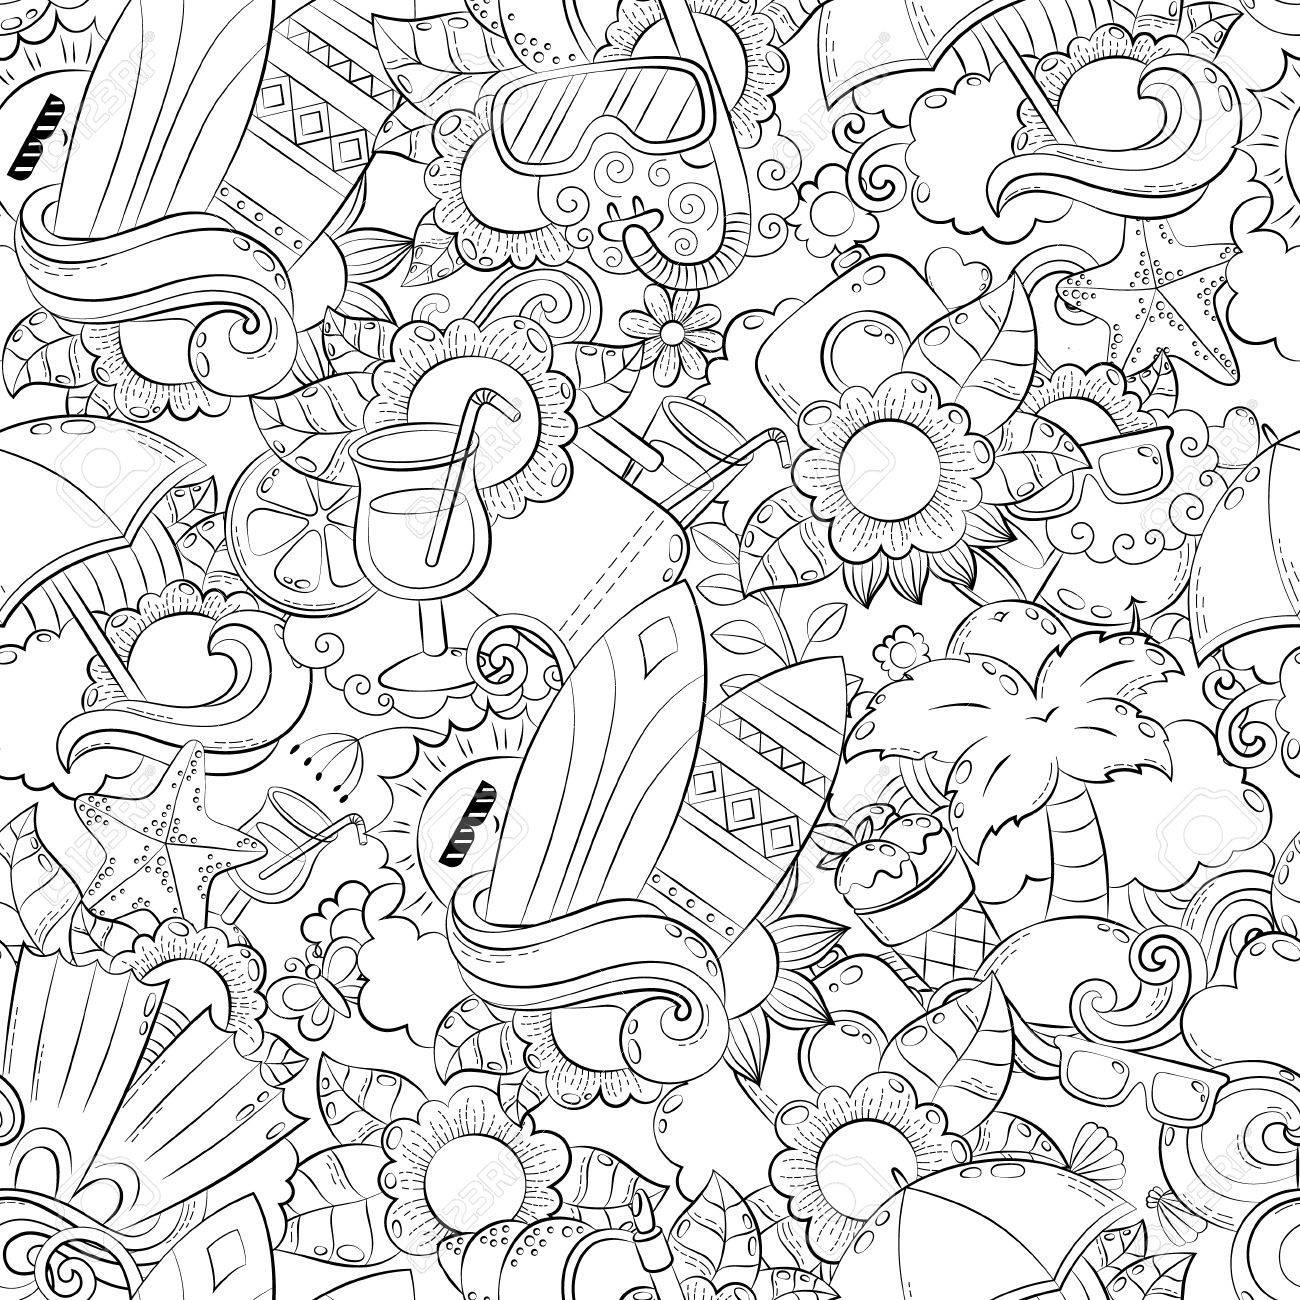 Coloriage Adulte Ete.Fond Abstrait Doodle Vectorielle Continue Fond D Ecran De Dessin Anime De L Ete Comic Pattern Page Du Livre De Coloriage Anti Stress Pour Adultes